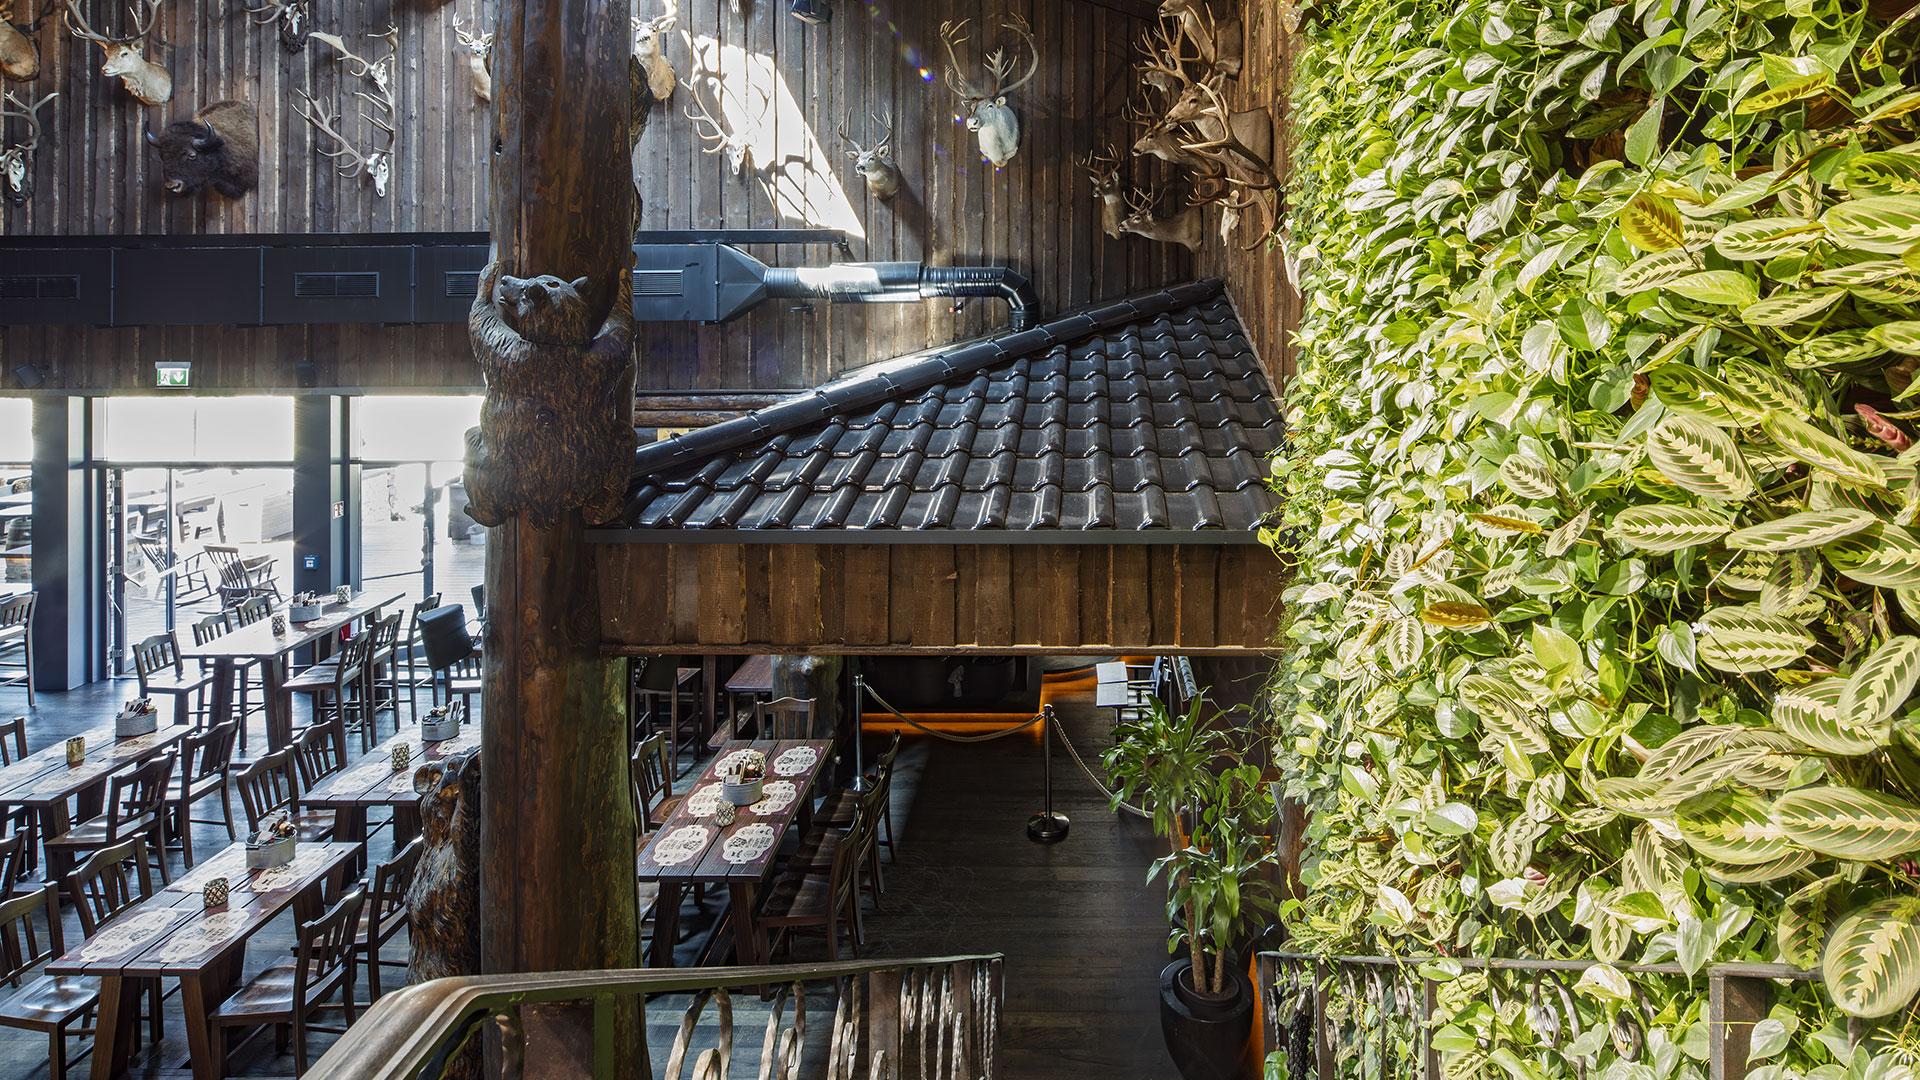 Architekturfotografie: Dachziegel - auch innen | Foto: Dieter Eikenberg, imprints